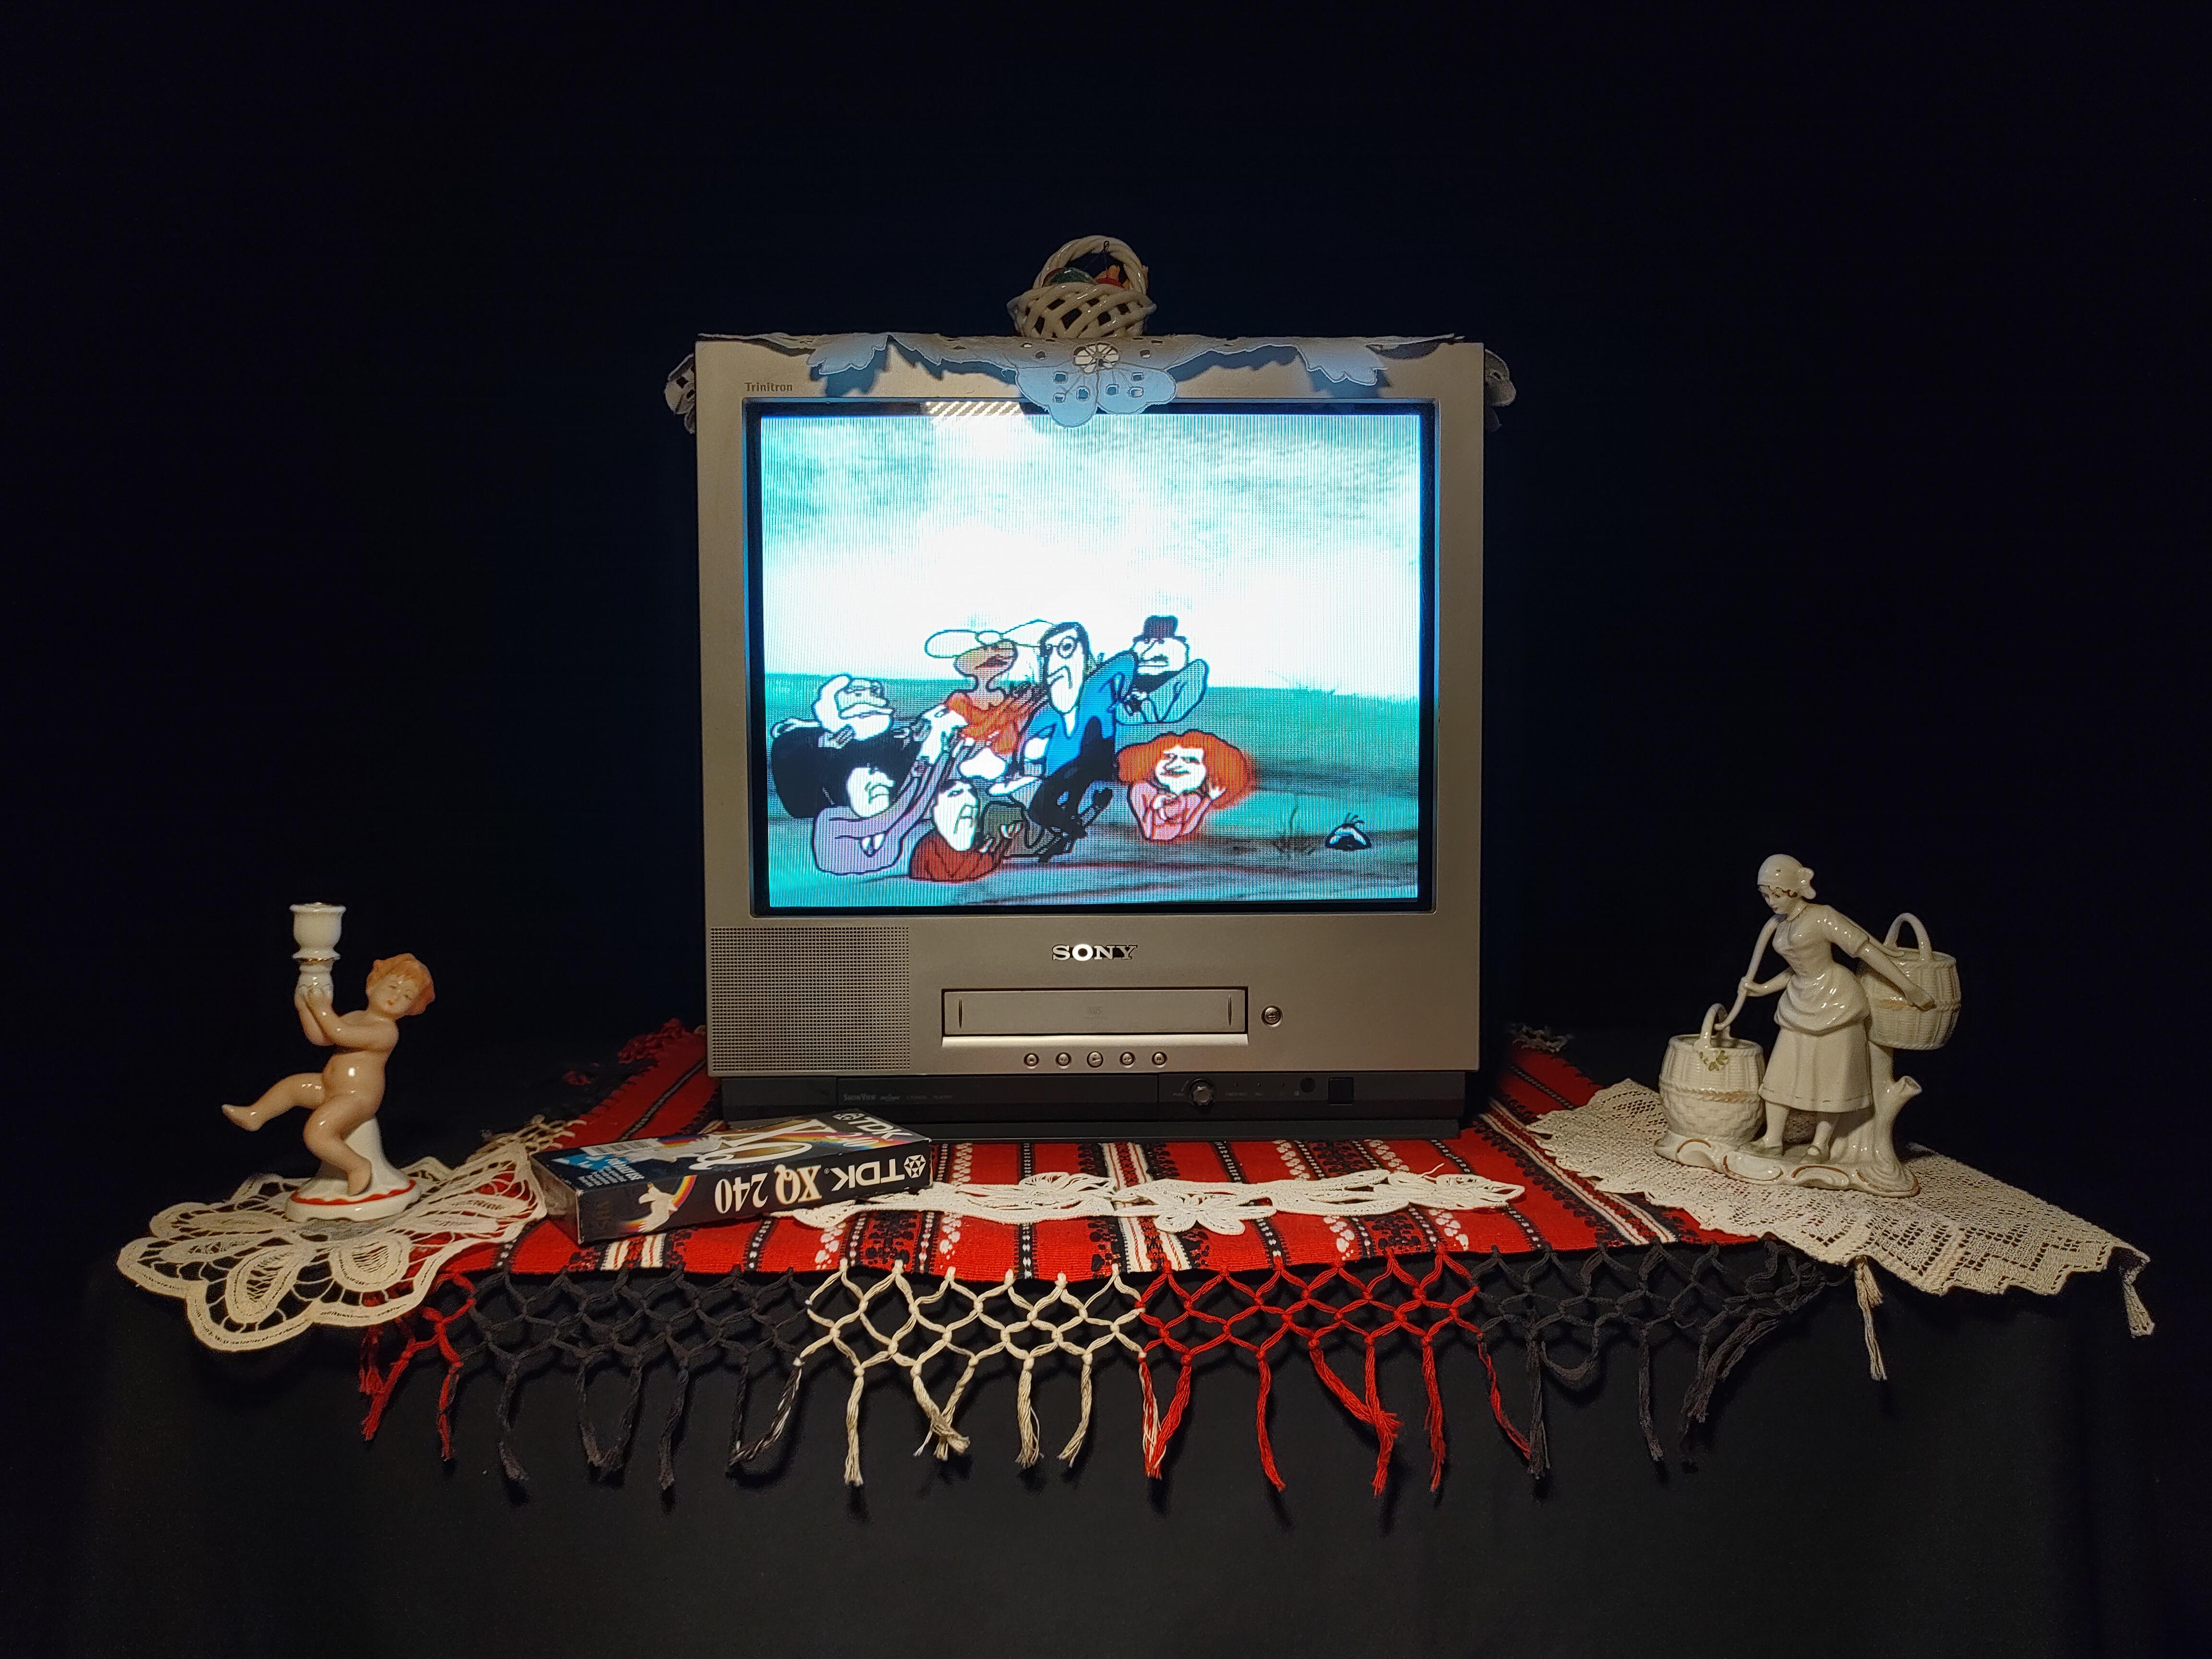 Începe animest.15 - prima ediție a festivalului disponibilă online, în toată țara Începe Animest.15 – prima ediție a festivalului disponibilă online, în toată țara Expozi  ia 100 de ani de anima  ie rom  neasc